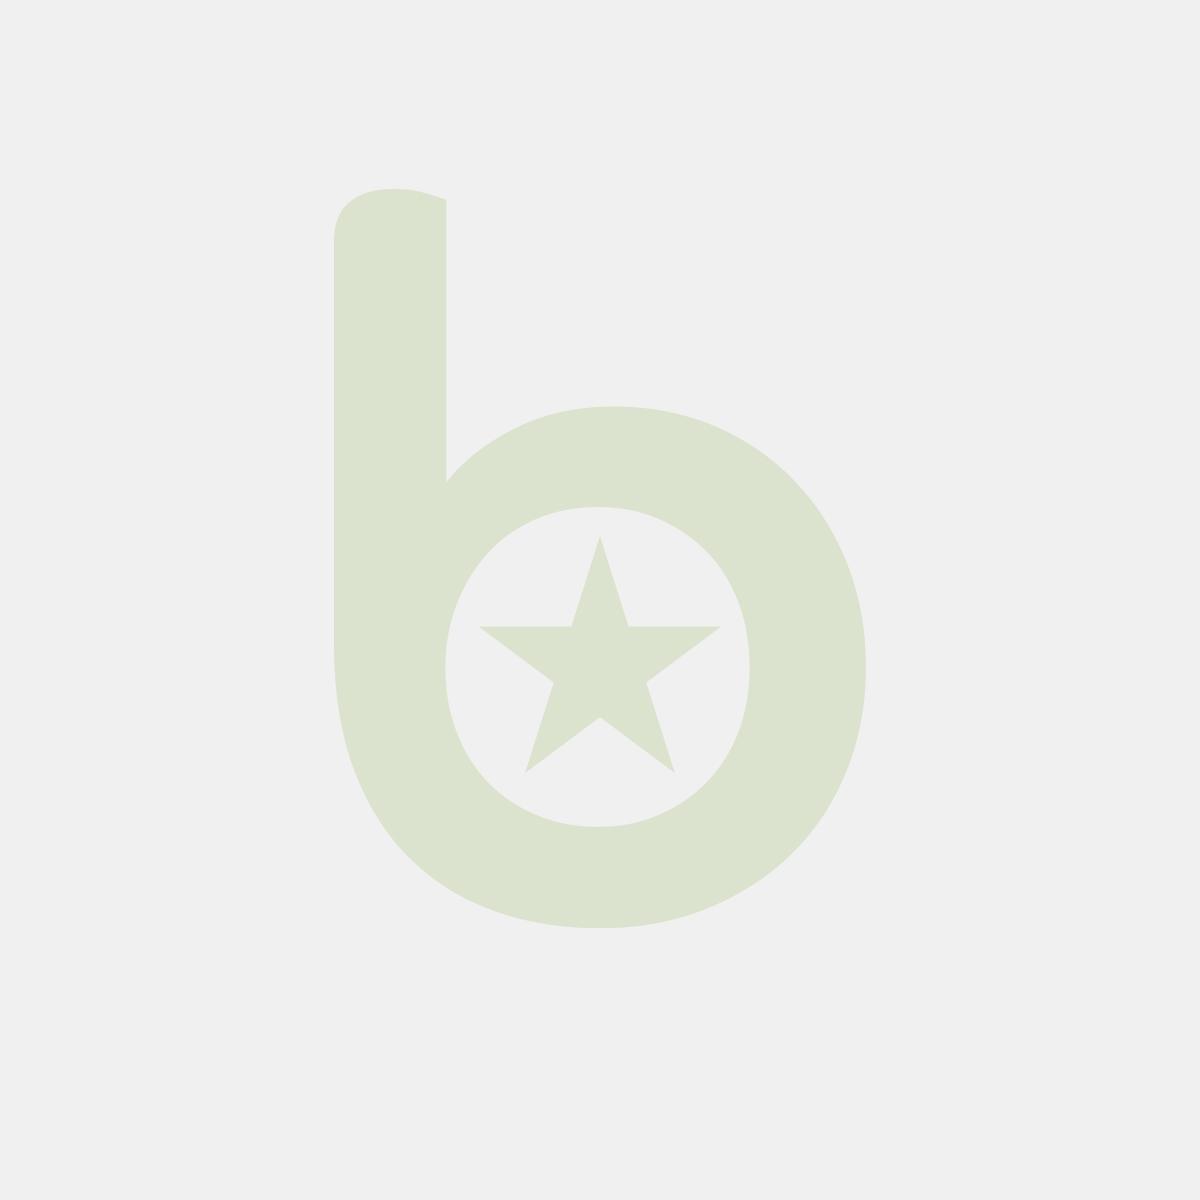 Wkład Express 785 do długopisu SCHNEIDER, M, czarny